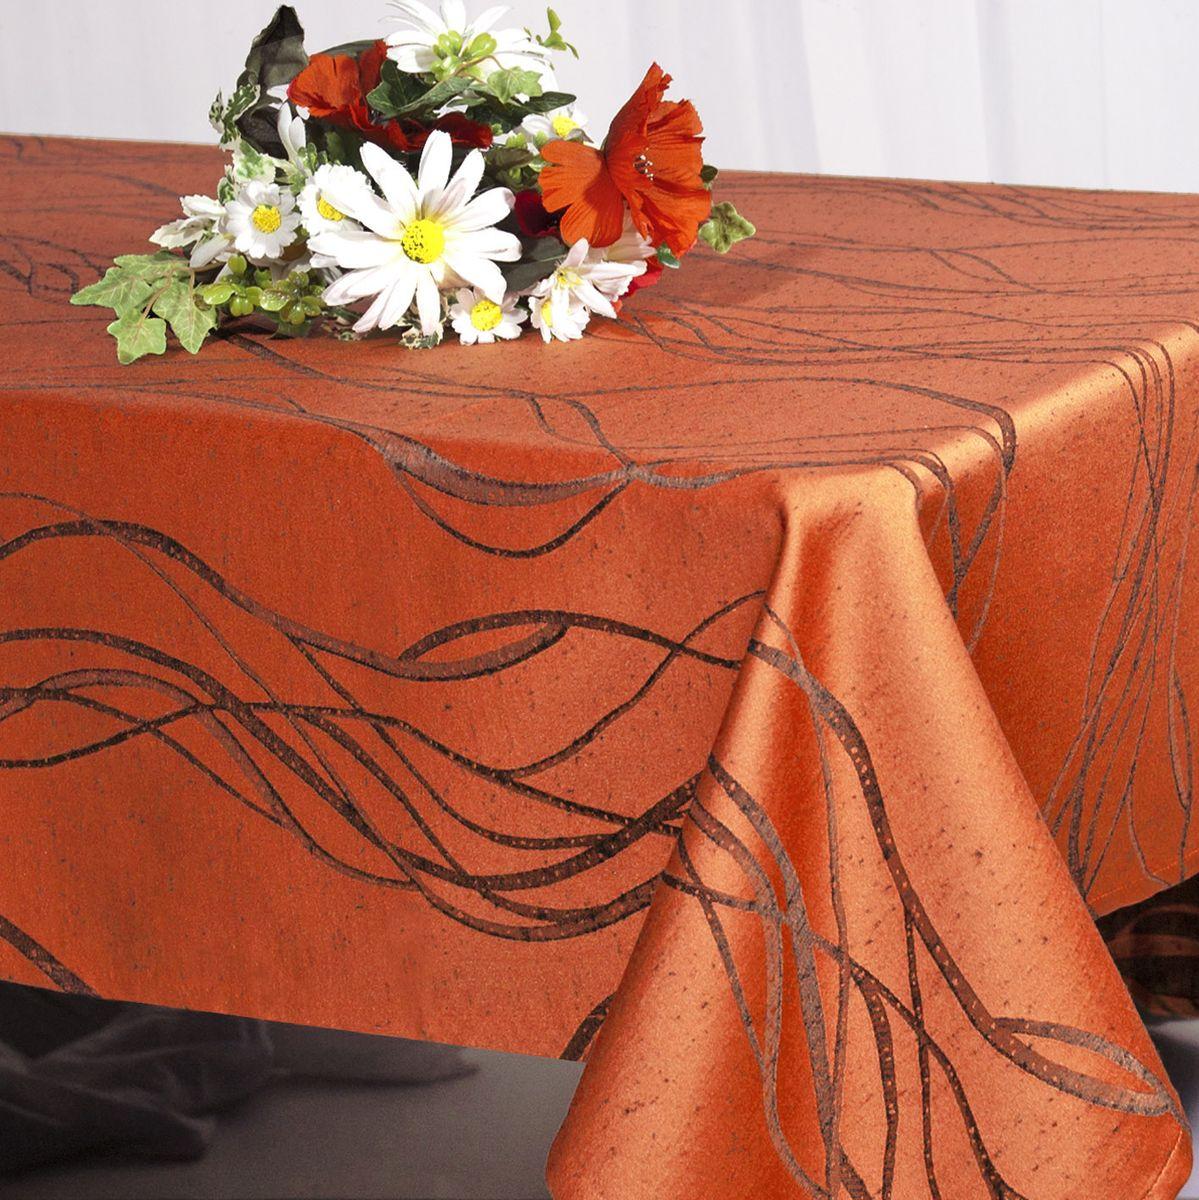 Скатерть Schaefer, прямоугольная, цвет: коричнево-красный, 140 х 170 см. 06929-430 гардина schaefer на петлях цвет оранжевый черный 140 см х 245 см 06929 596